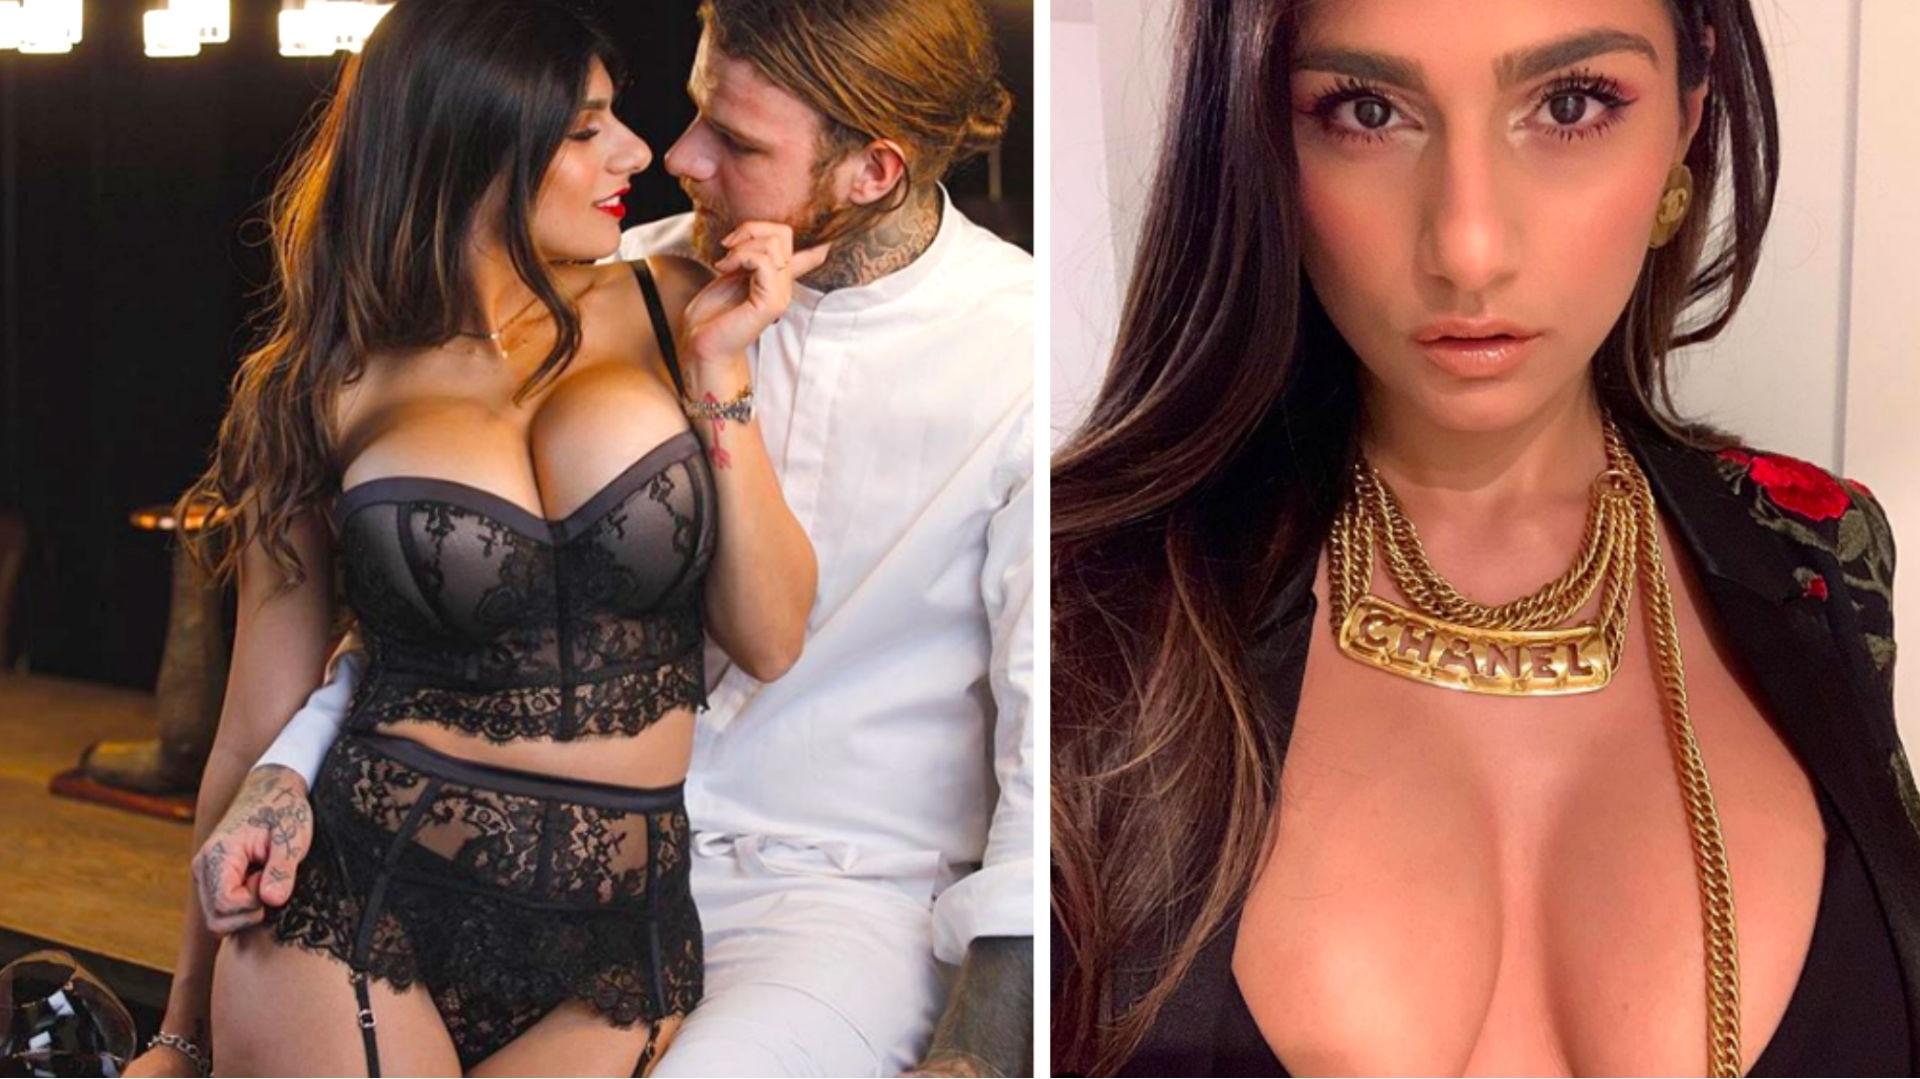 Actriz De Porno Que Se Parezca A Cristina Pardo la ex actriz porno mia khalifa presume su celulitis y así